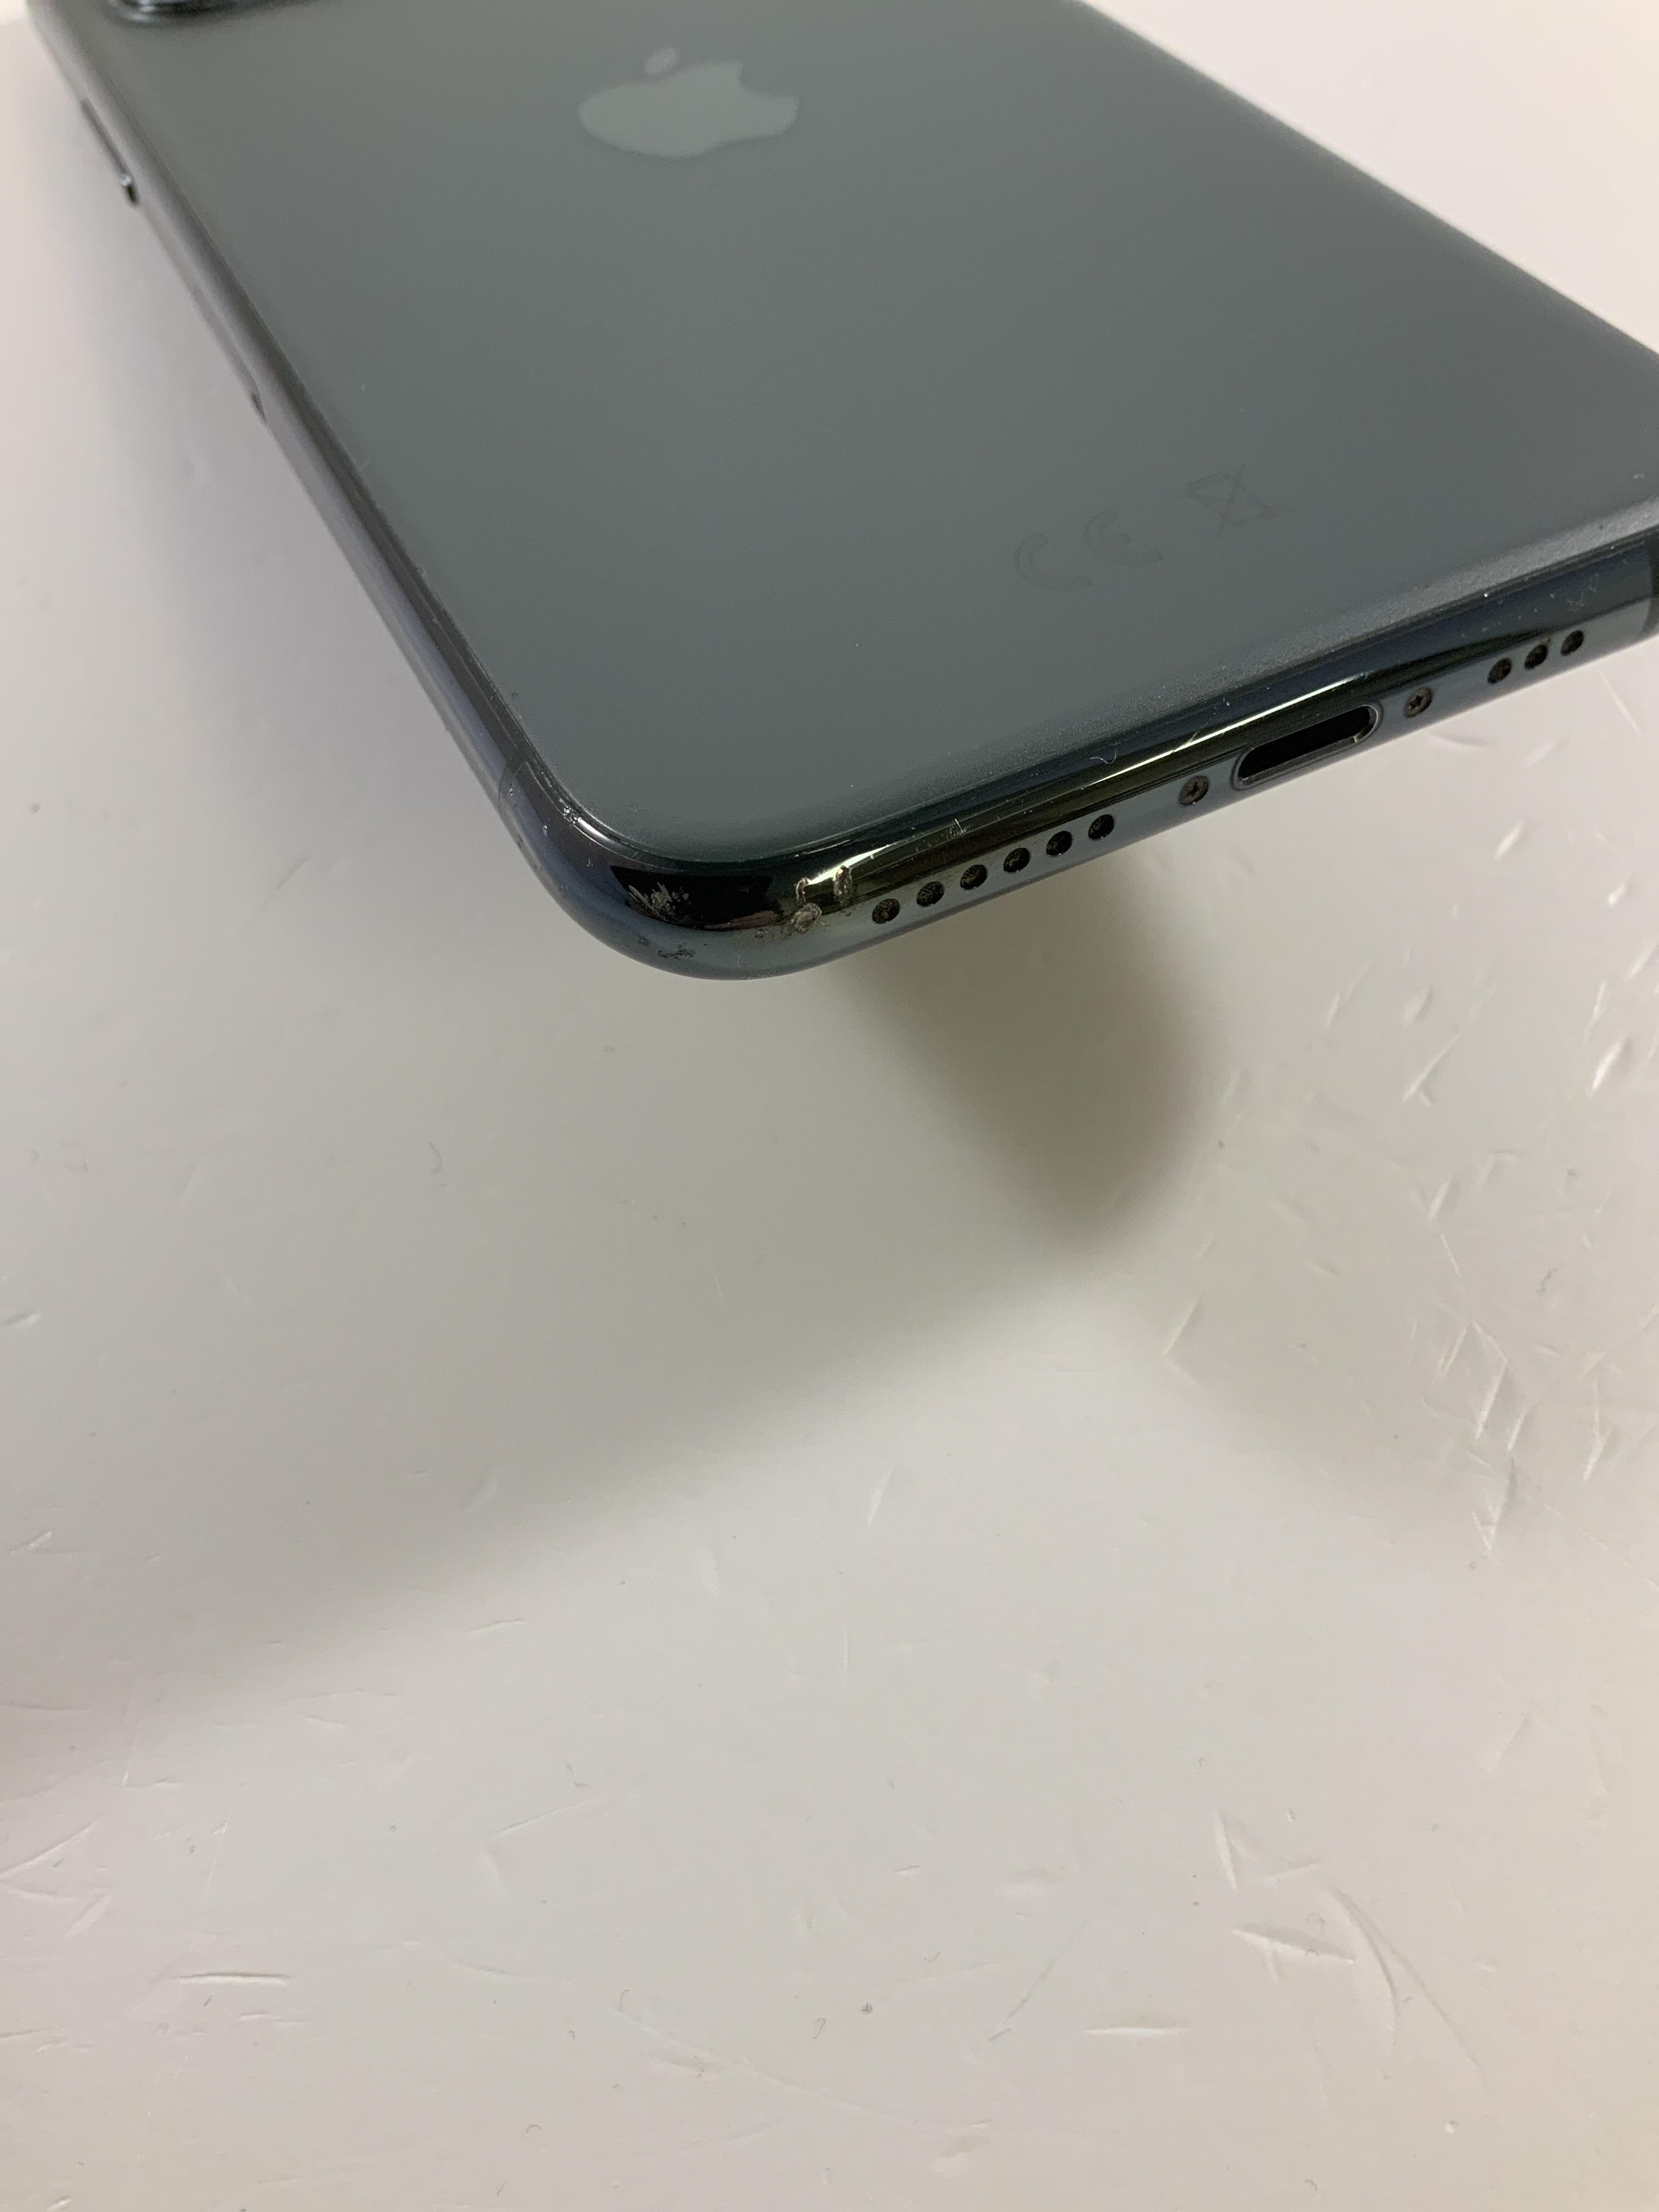 iPhone 11 Pro 64GB, 64GB, Midnight Green, immagine 4